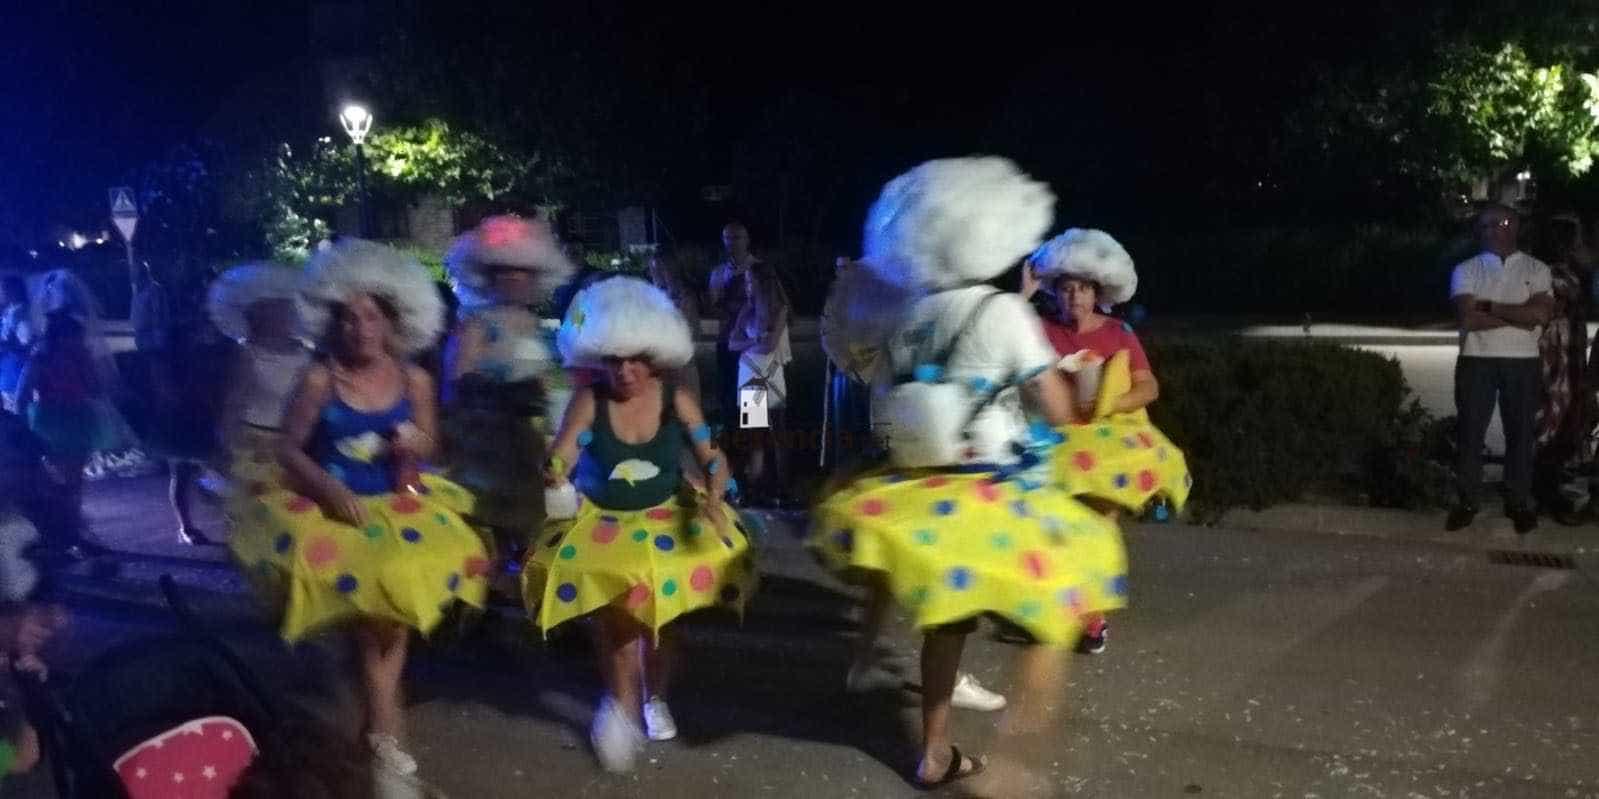 Carnaval de herencia 2019 galeria 36 - Galería de fotografías del Carnaval de Verano 2019